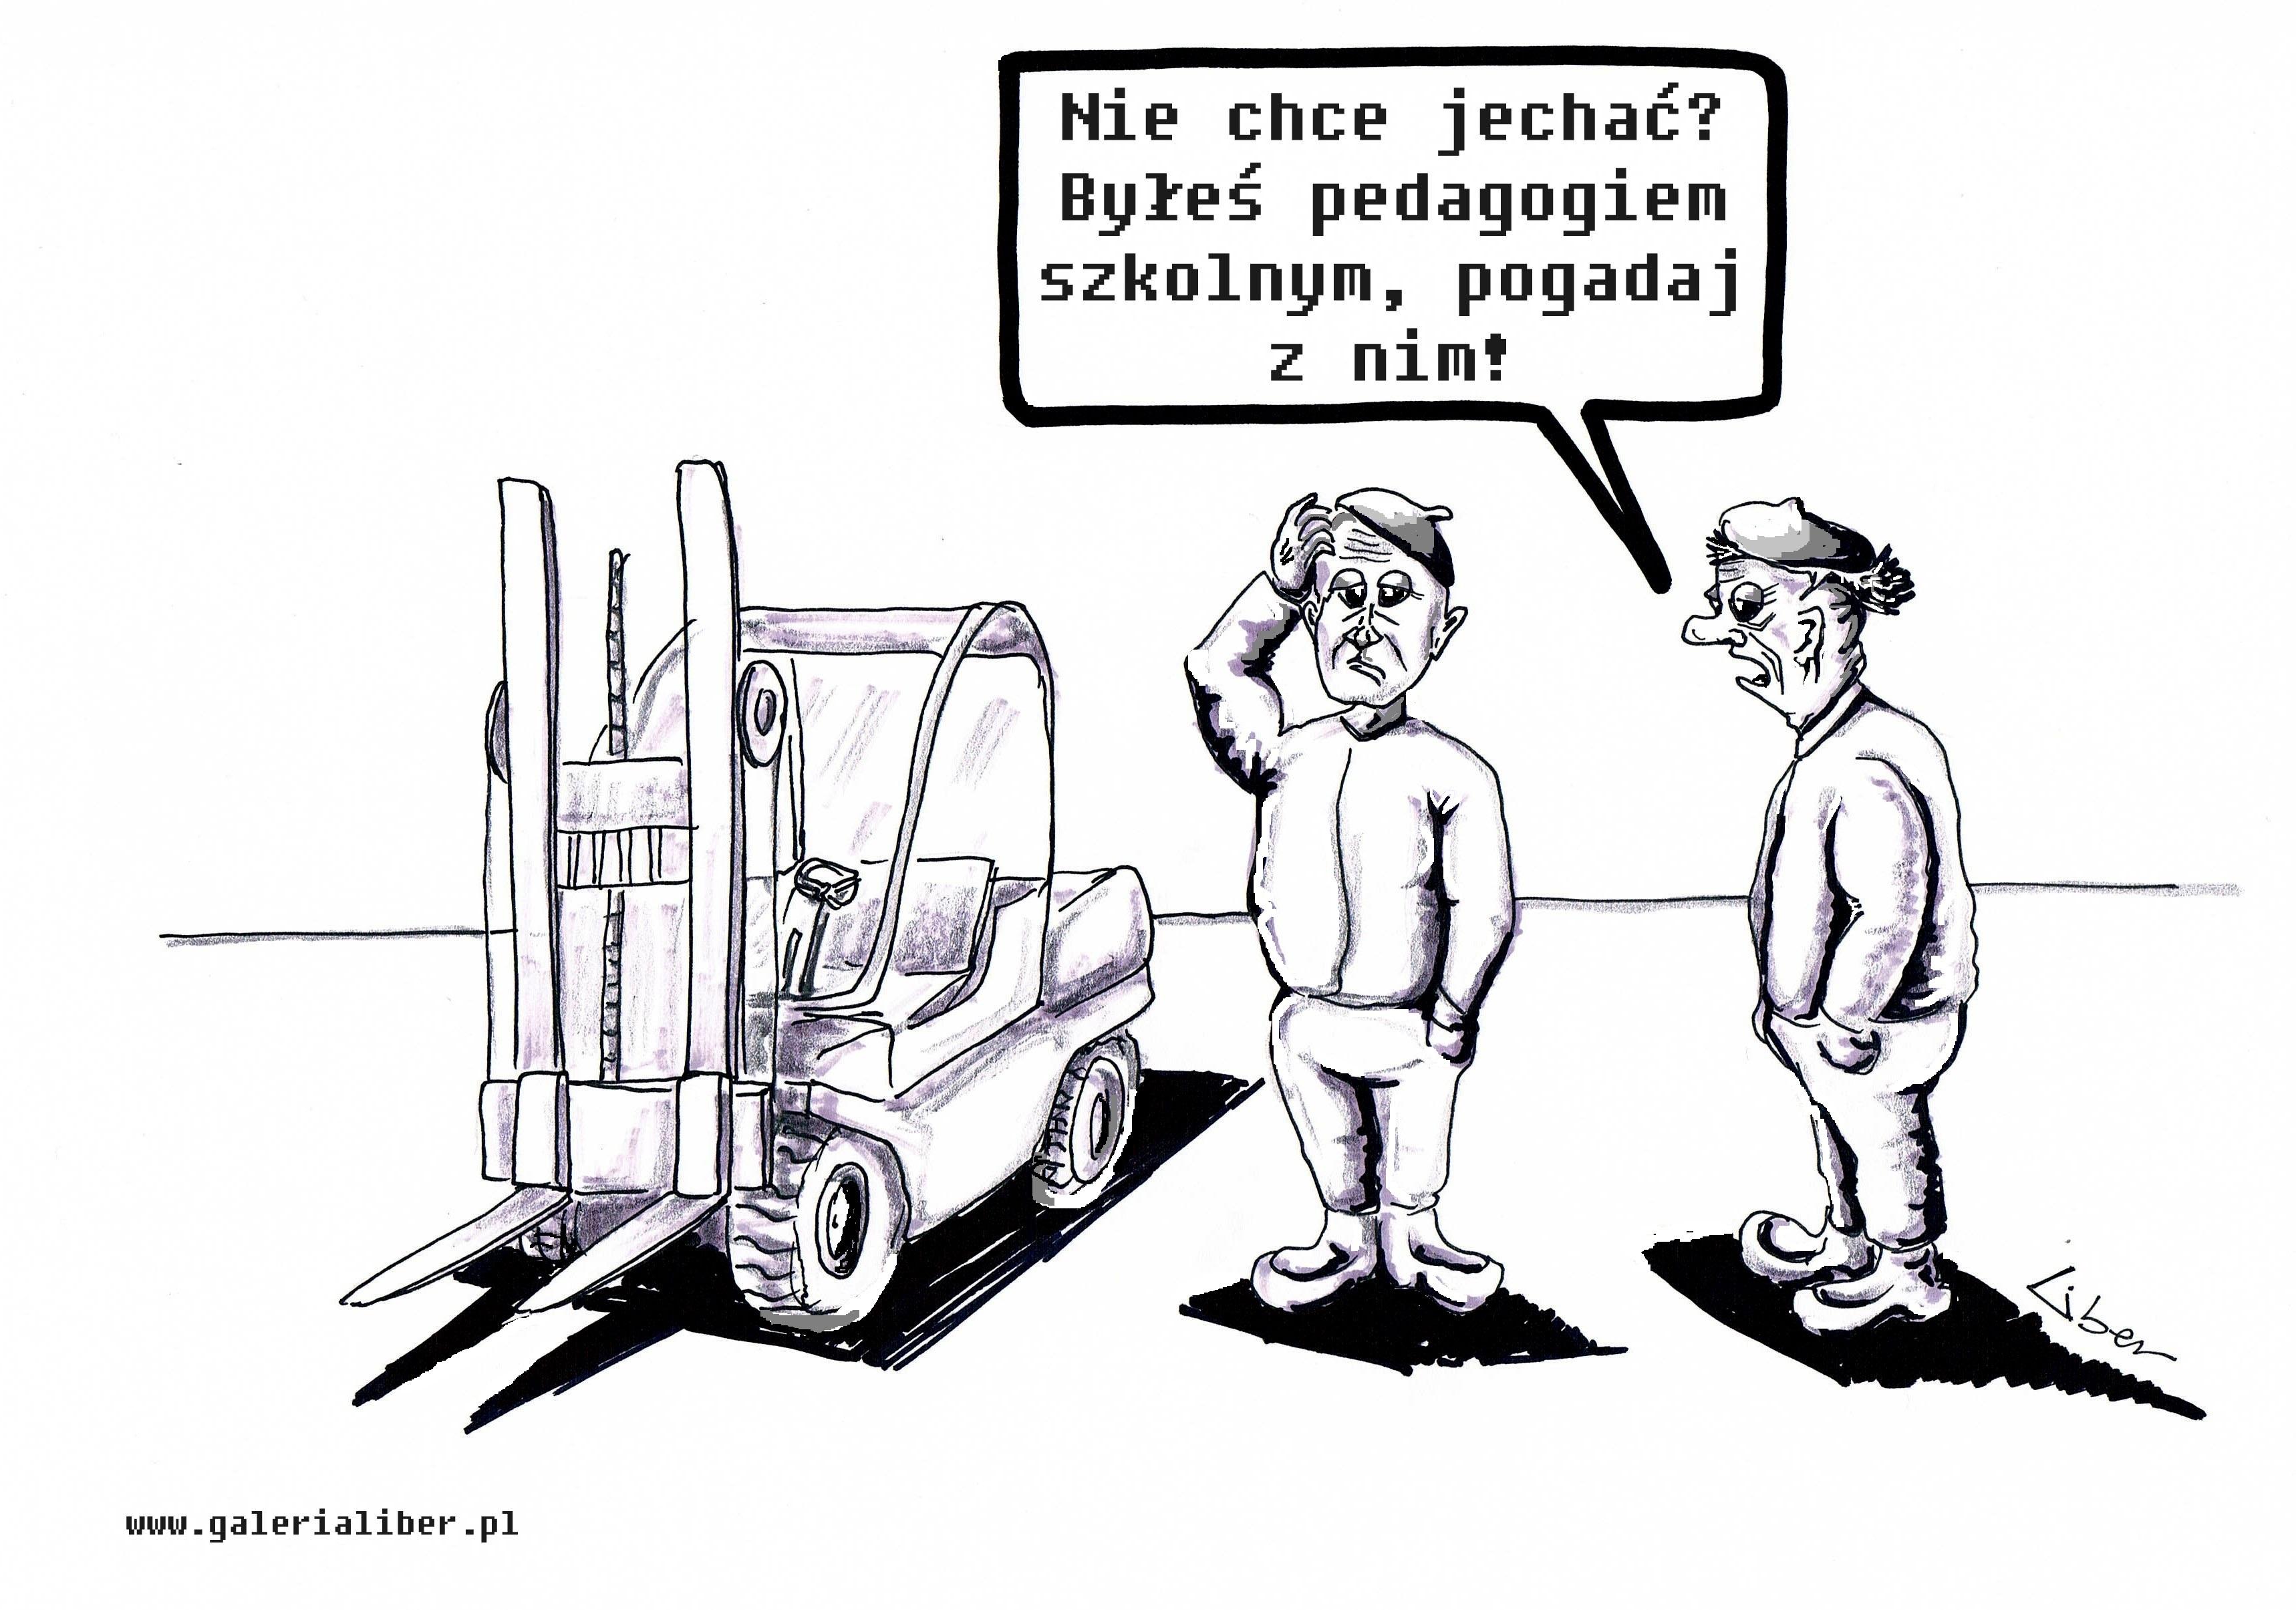 Kobiety na traktory, nauczyciele na wózki!